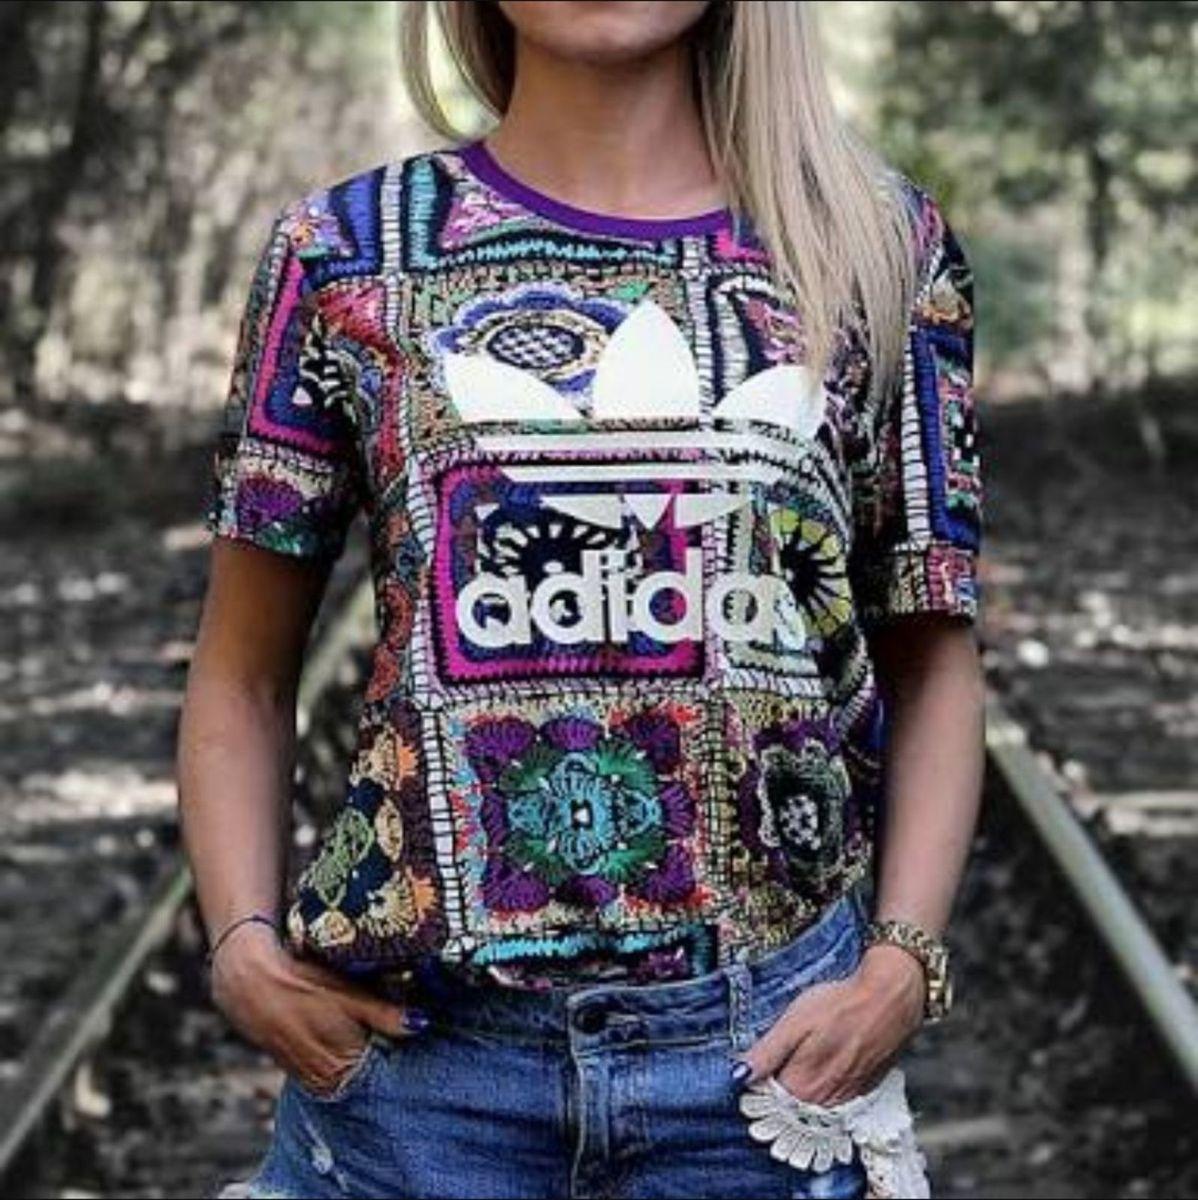 último vendedor caliente de calidad superior mujer Crochita Farm Adidas   Camiseta Feminina Farm Nunca Usado 23674210 ...